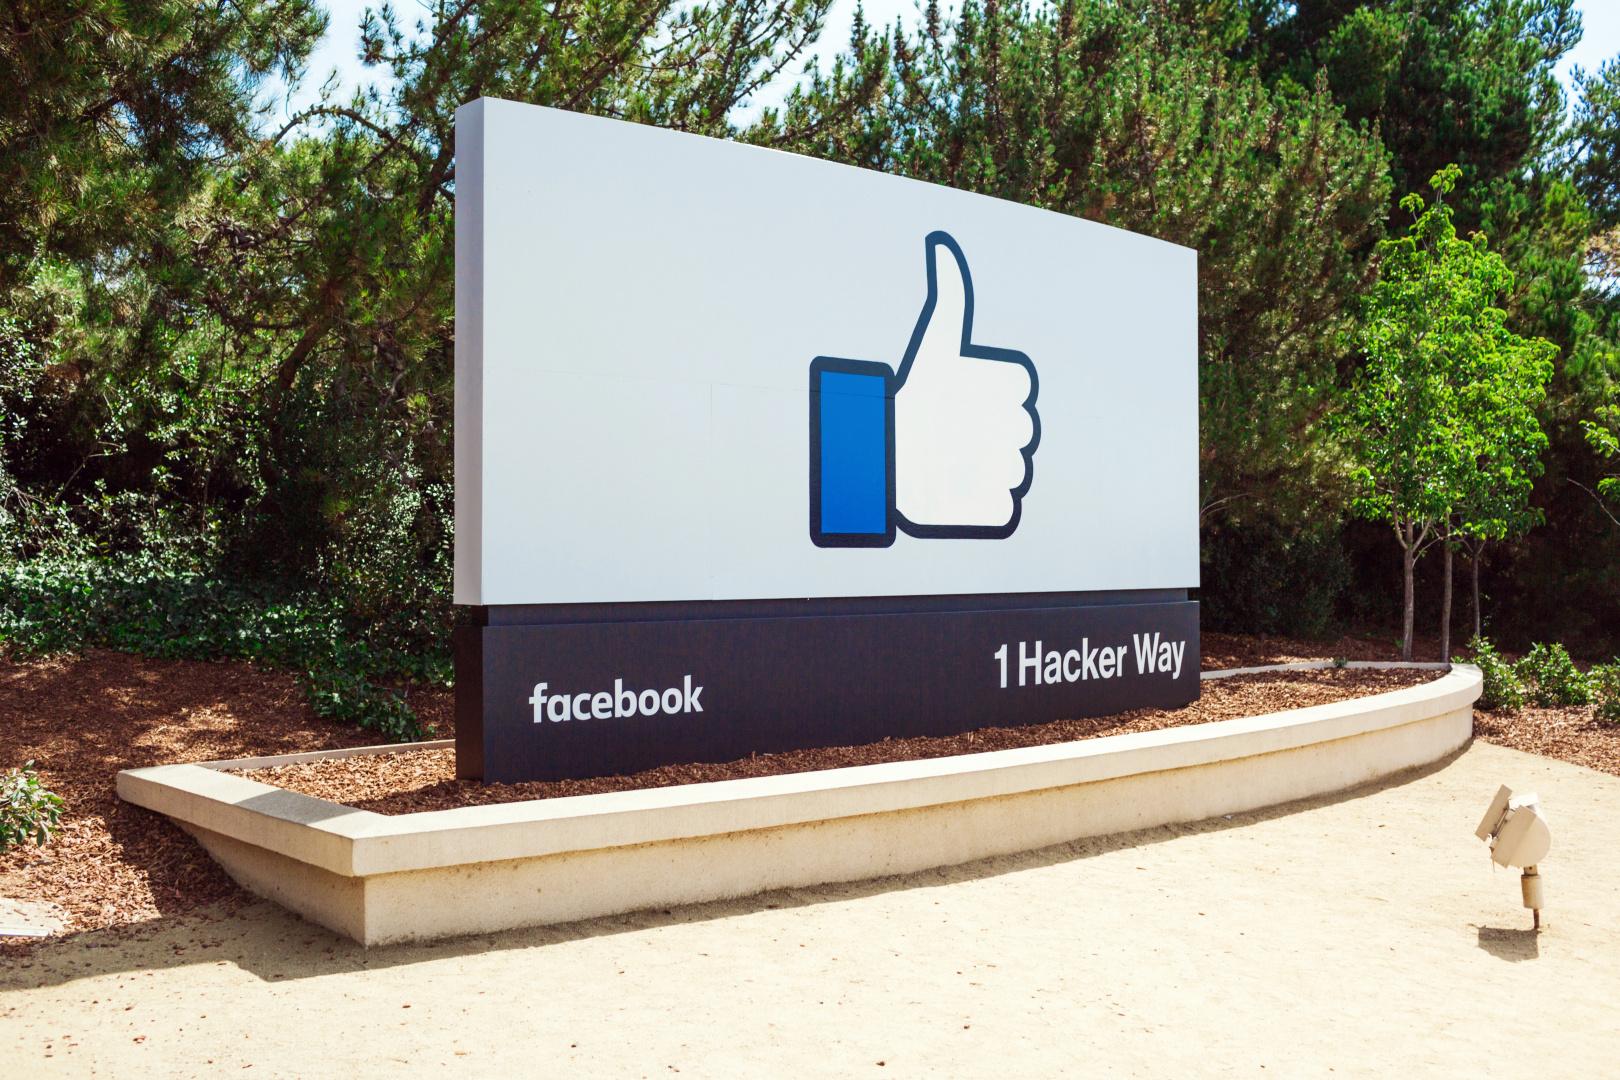 Dette lander stenger Facebook-tilgangen i en måned.